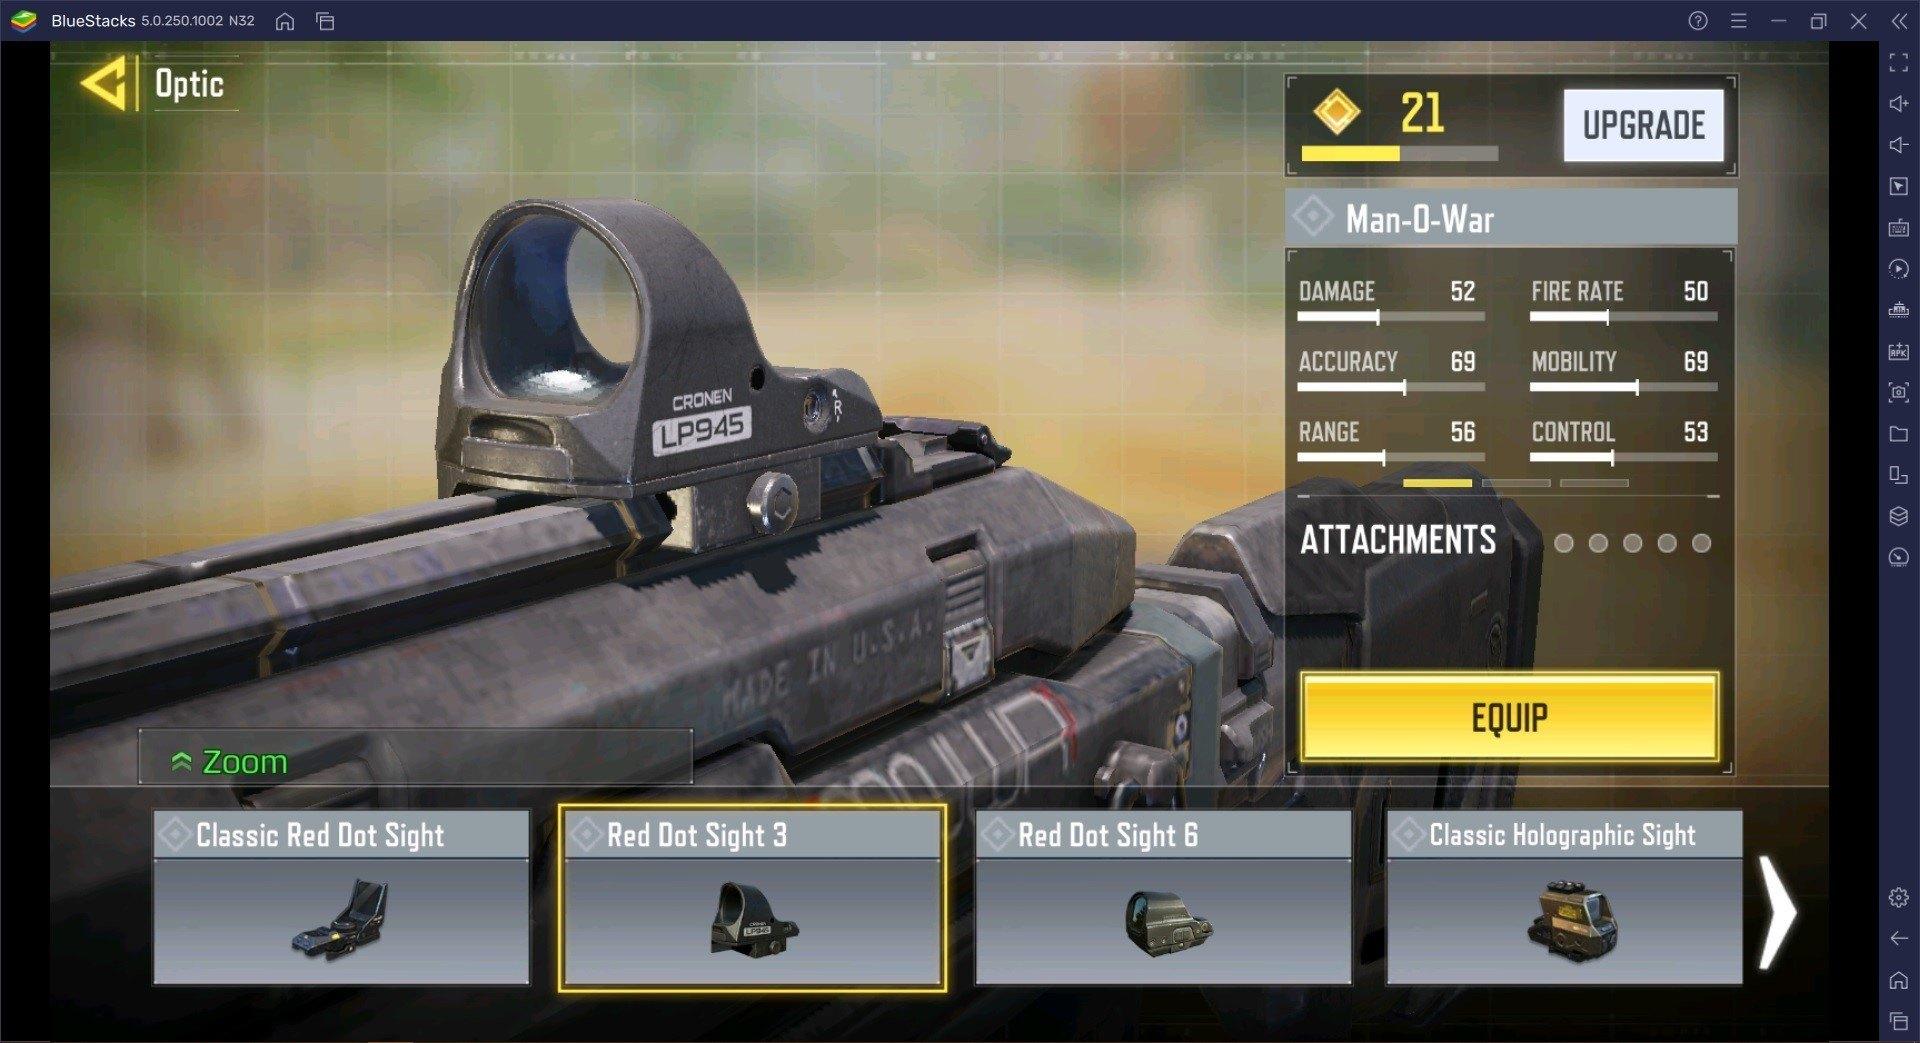 Call of Duty Mobile Man-O-War Waffen Leitfaden für Season 5